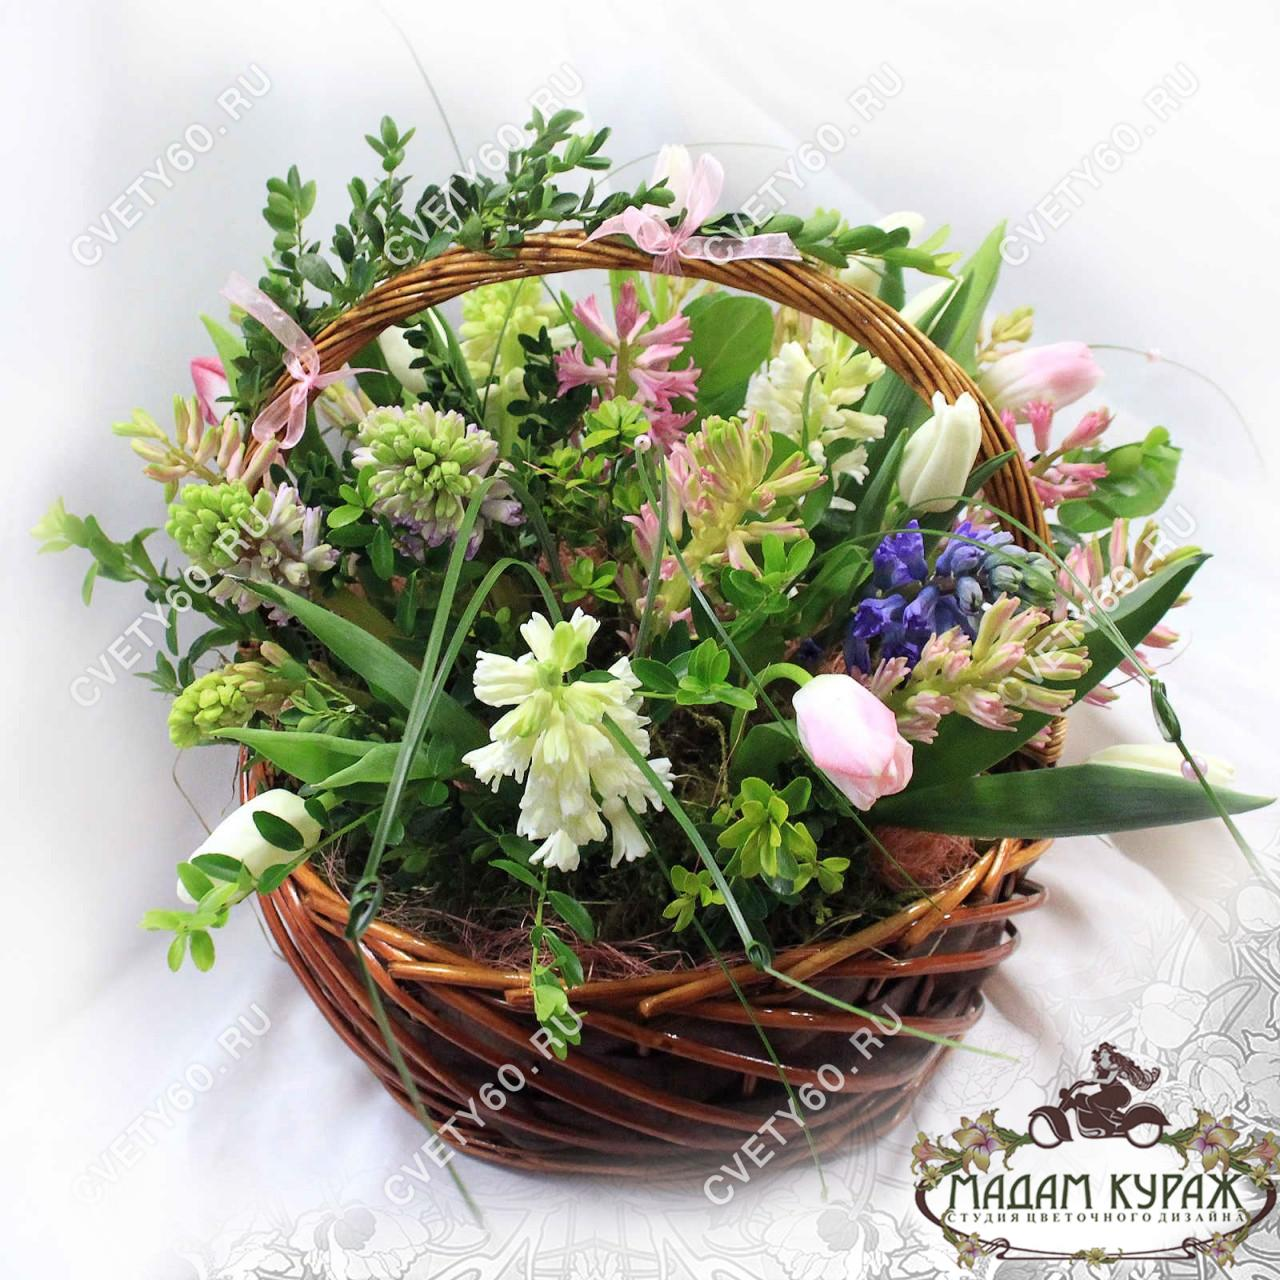 Цветы в Пскове, Цветы с доставкой в Пскове на 8 марта, корзина из гиацинтов в Пскове